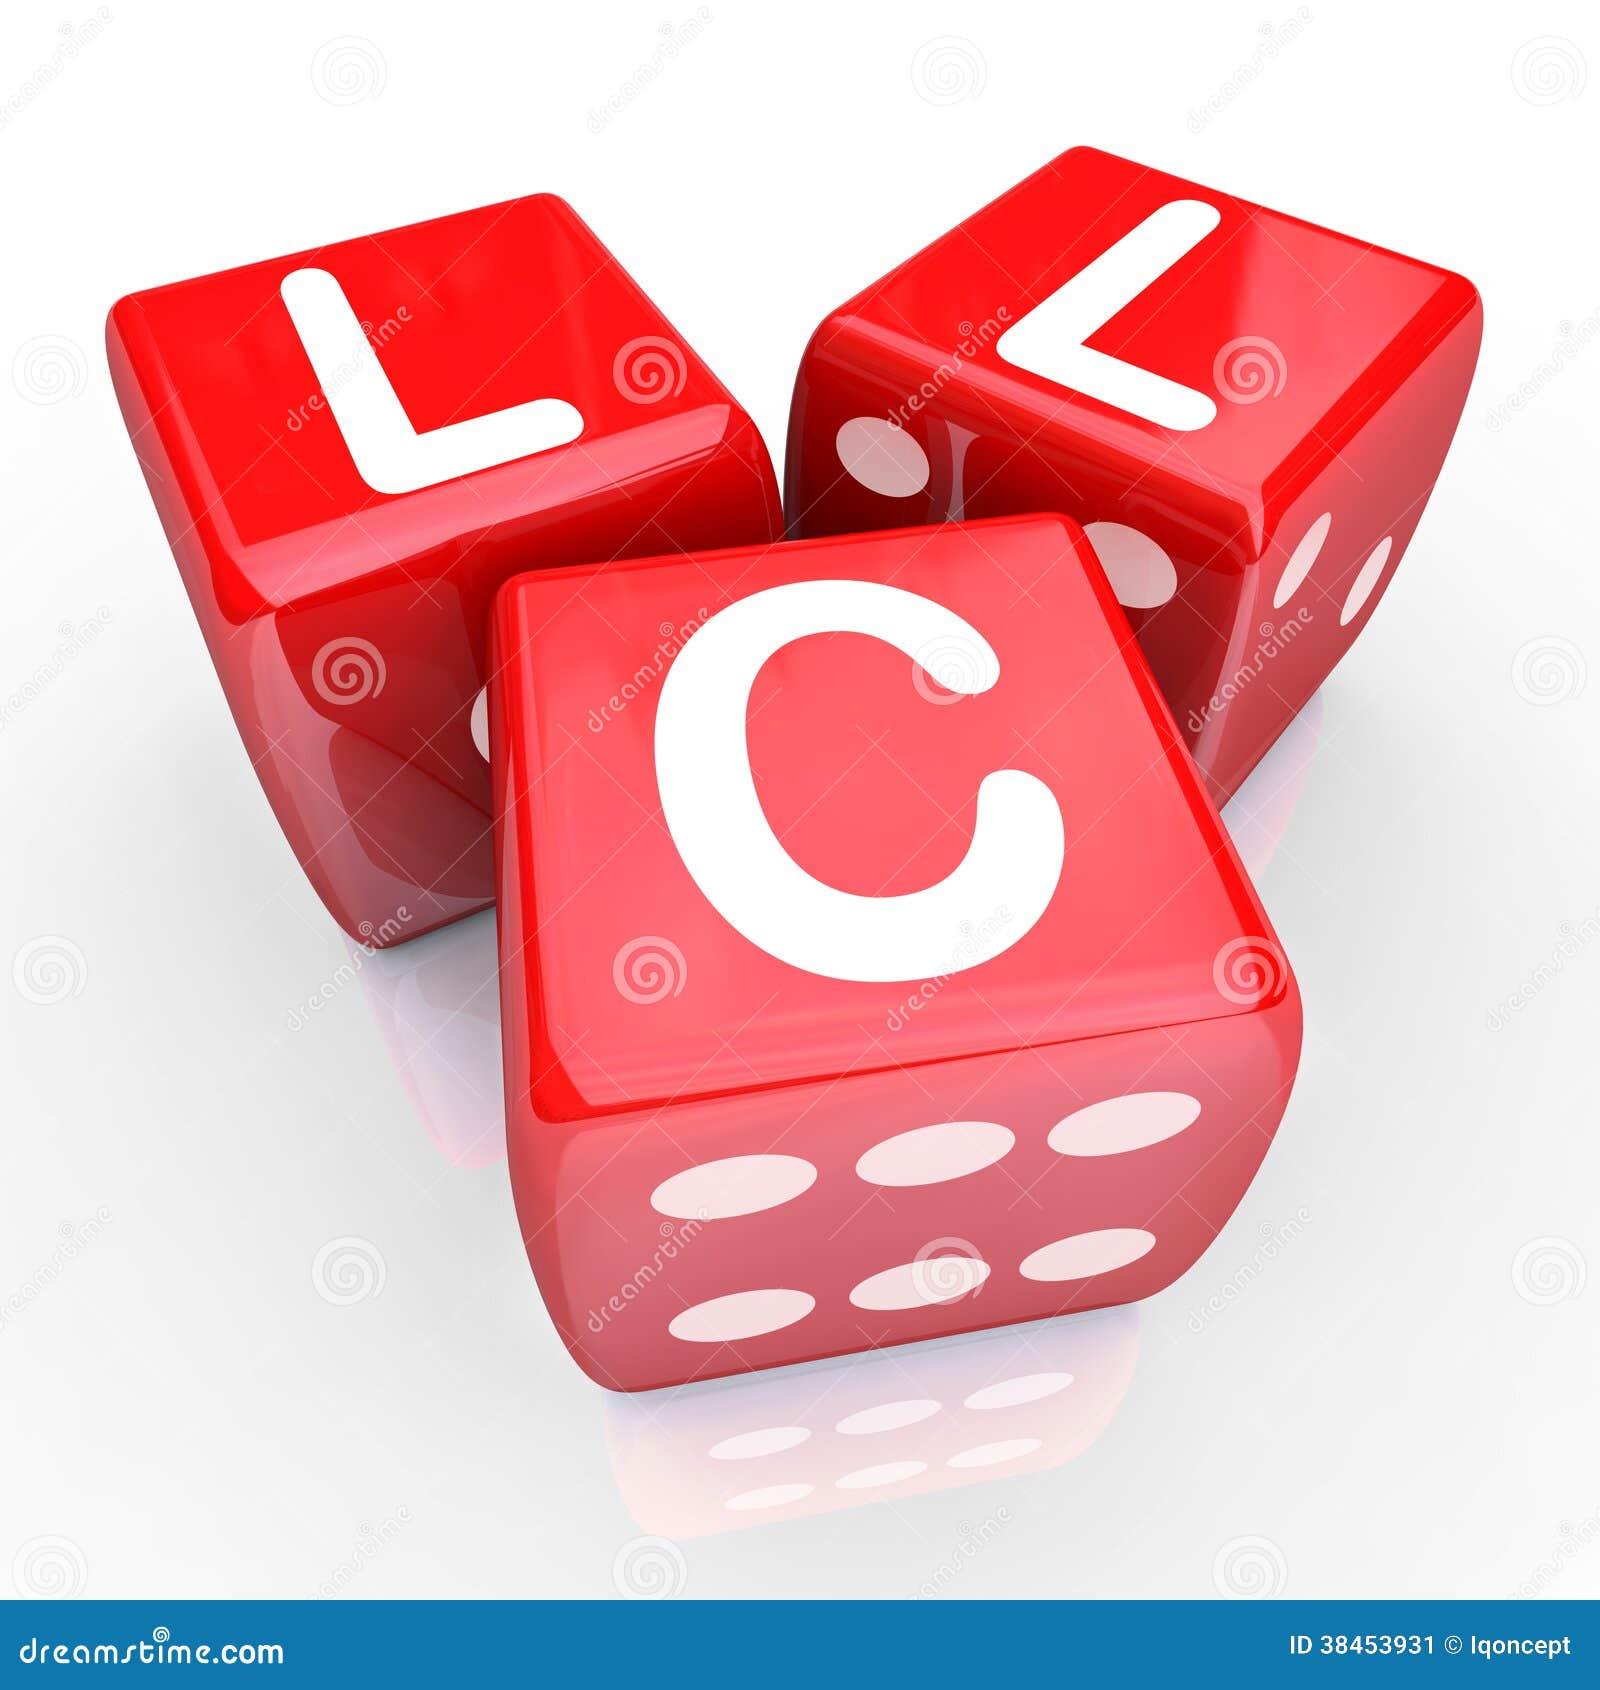 El LLC pone letras al juego rojo Bet New Business Venture Entrepren de 3 dados